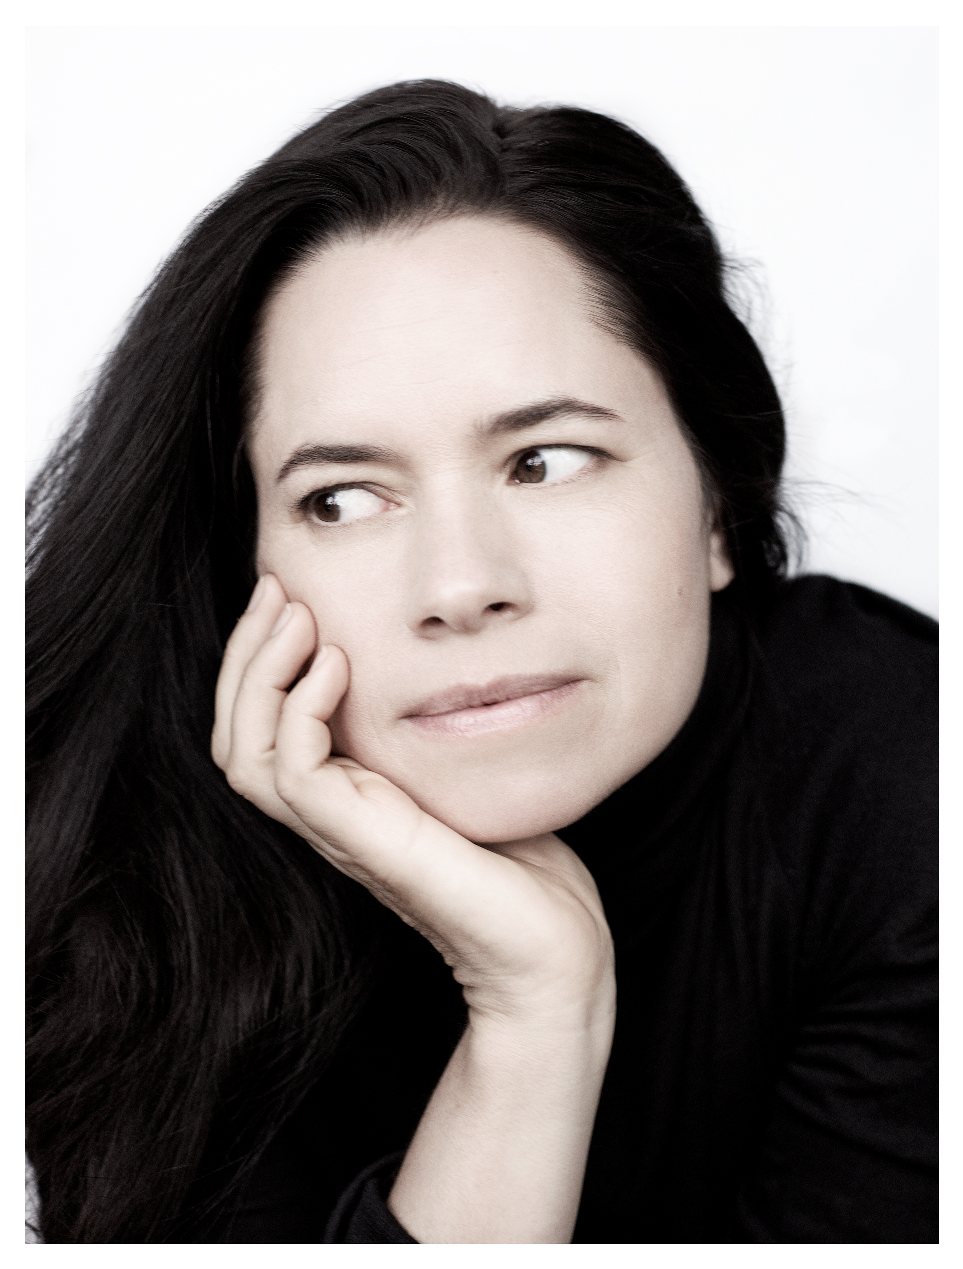 Natalie Merchant wydała jeden z najlepszych albumów w karierze